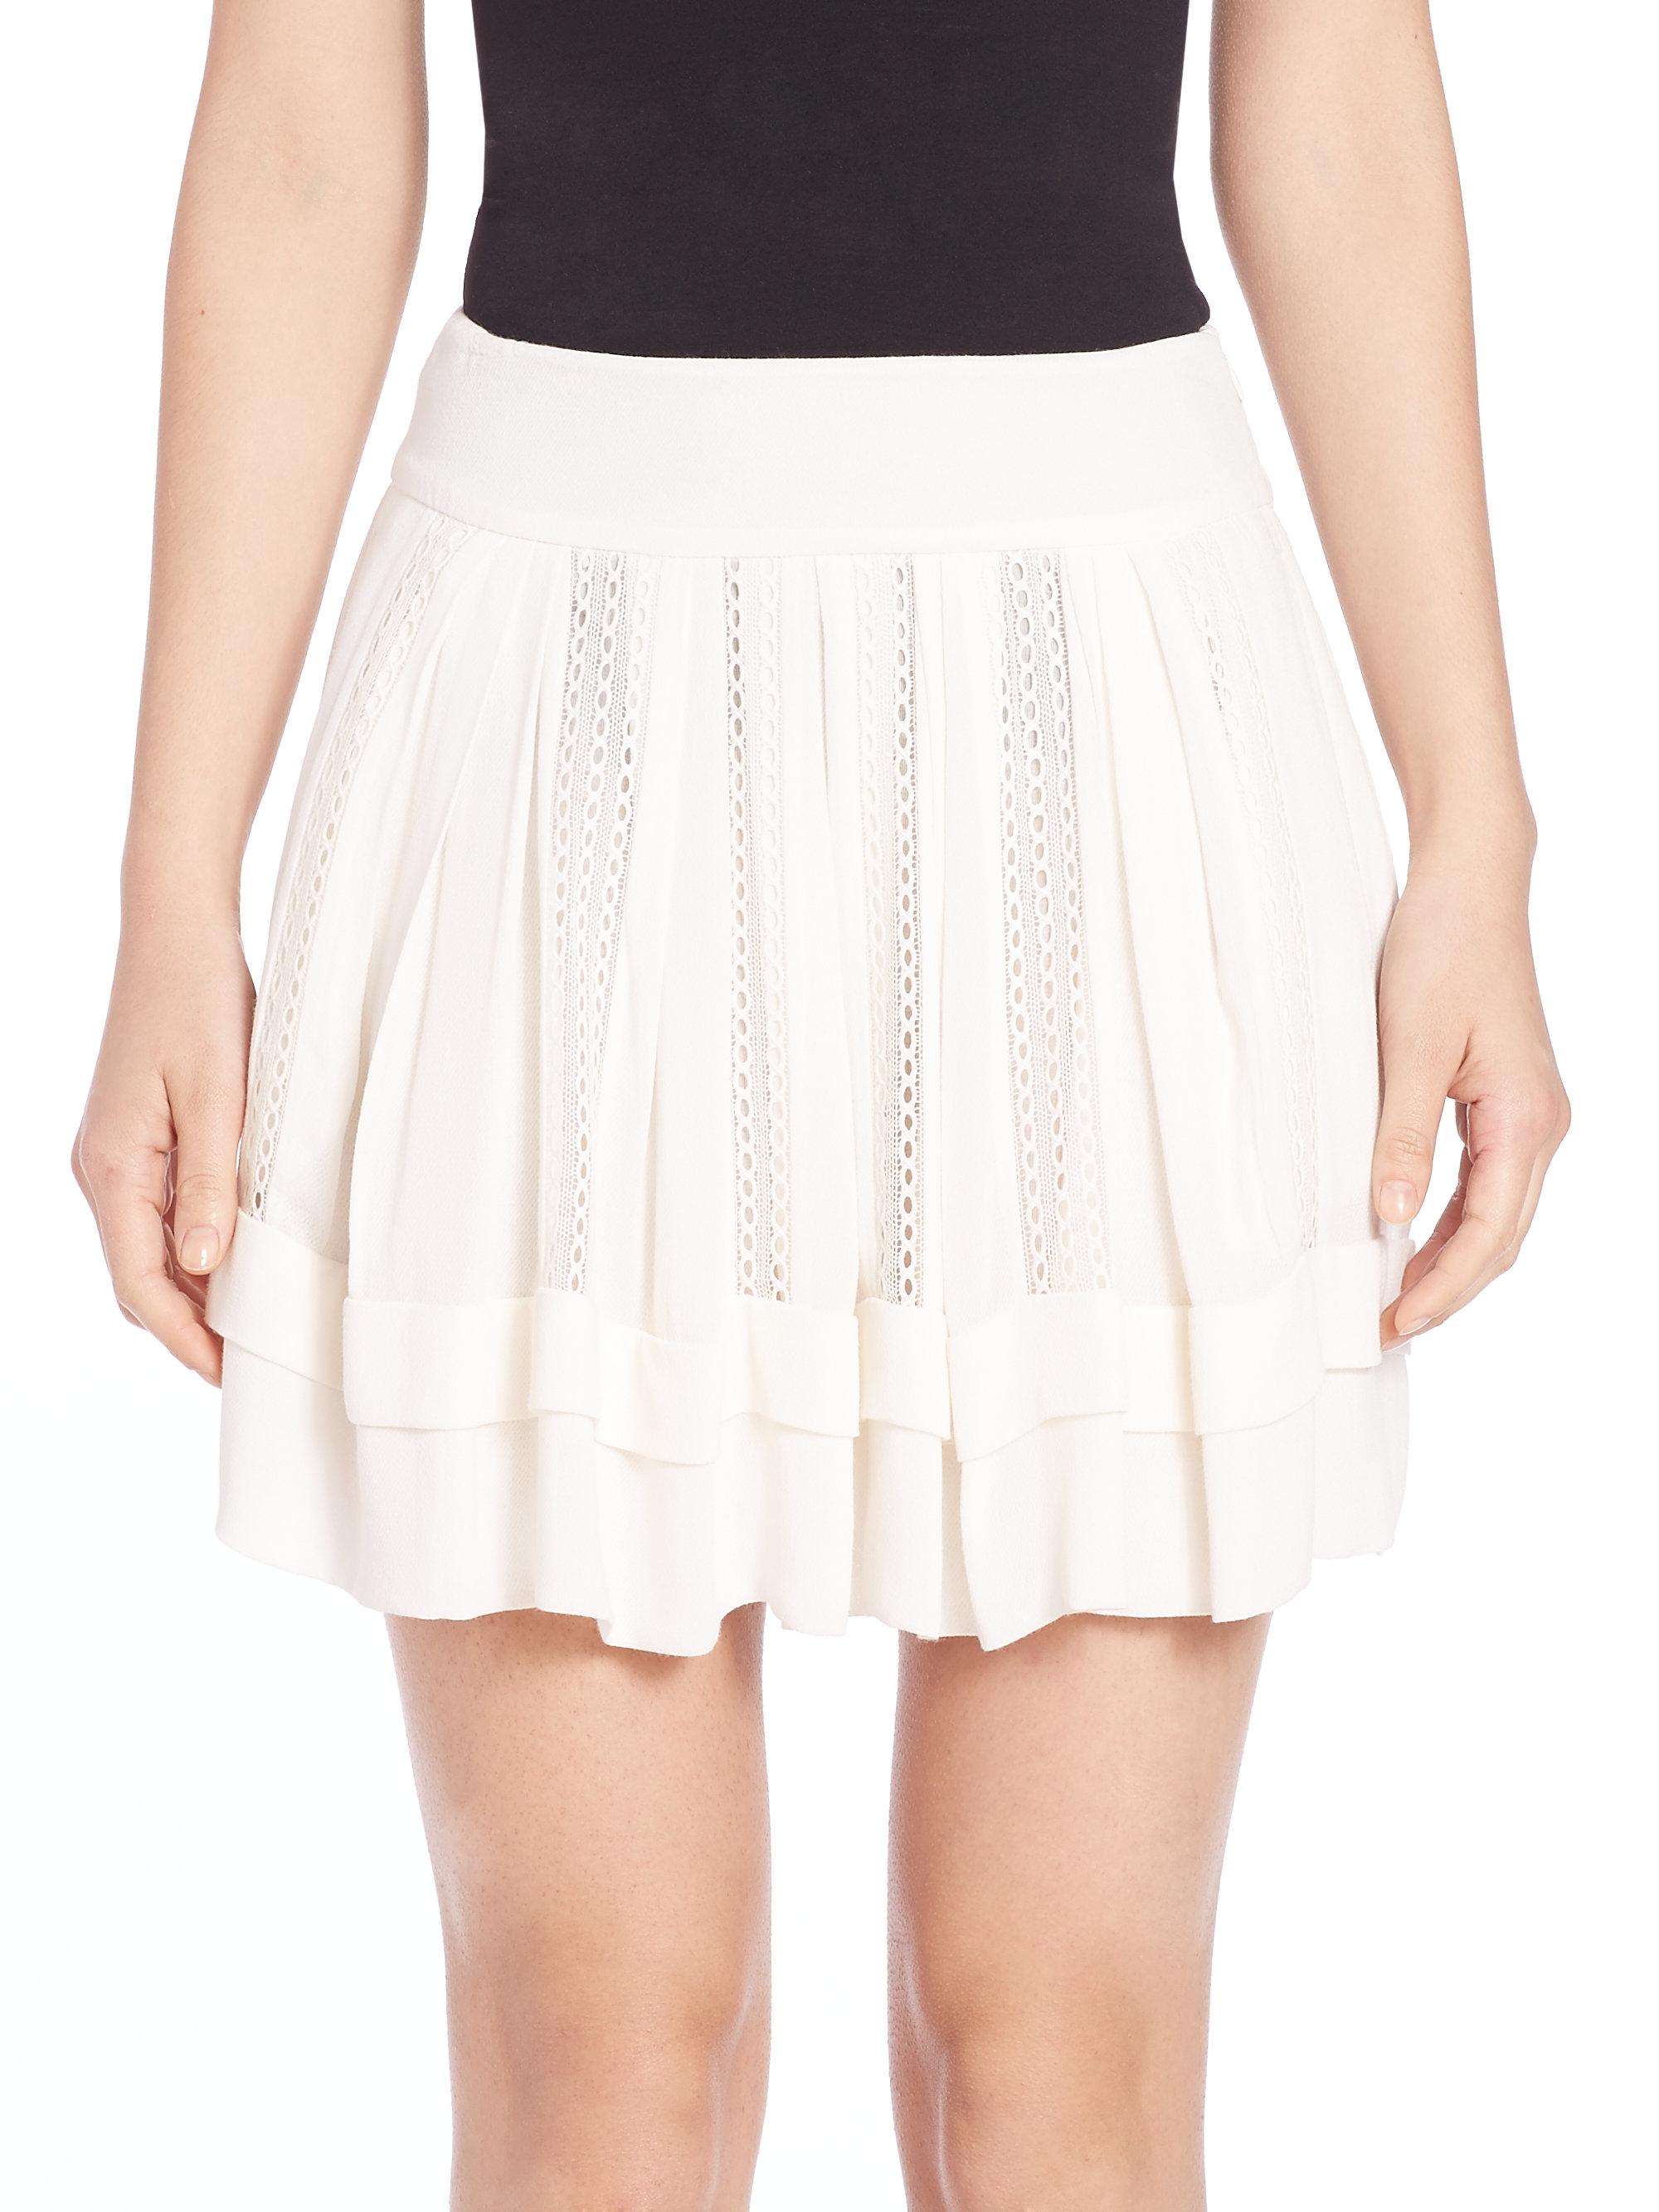 0276dfc56 IRO Ginny Skirt in White - Lyst